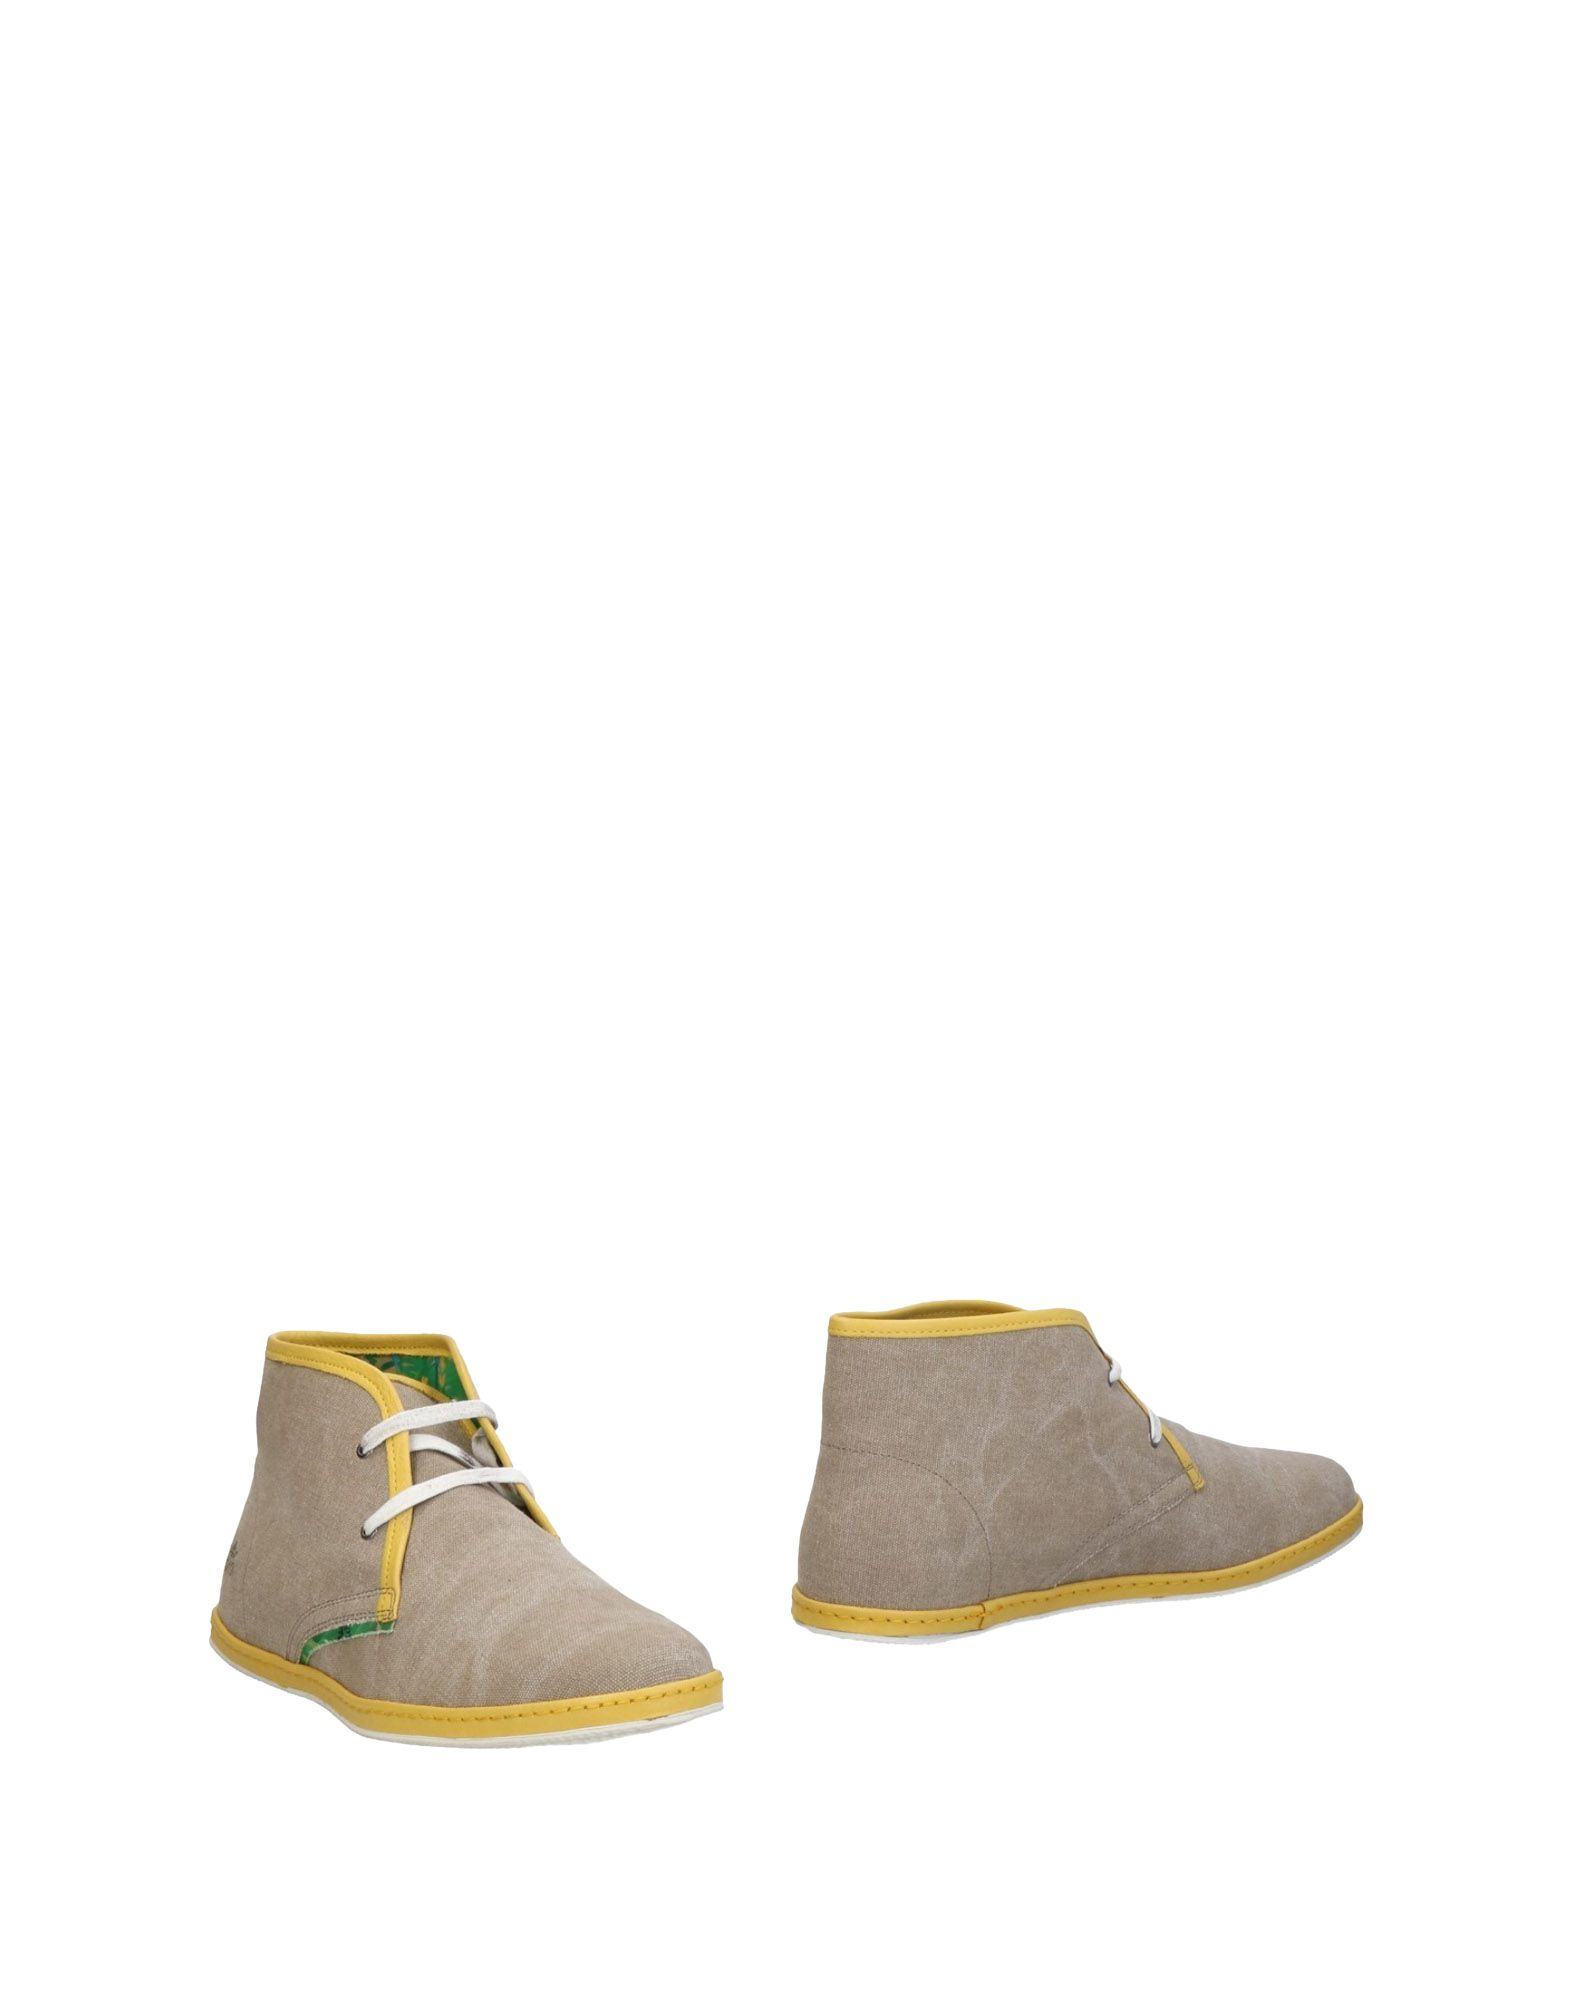 《送料無料》LE CROWN メンズ ショートブーツ サンド 40 紡績繊維 / 革